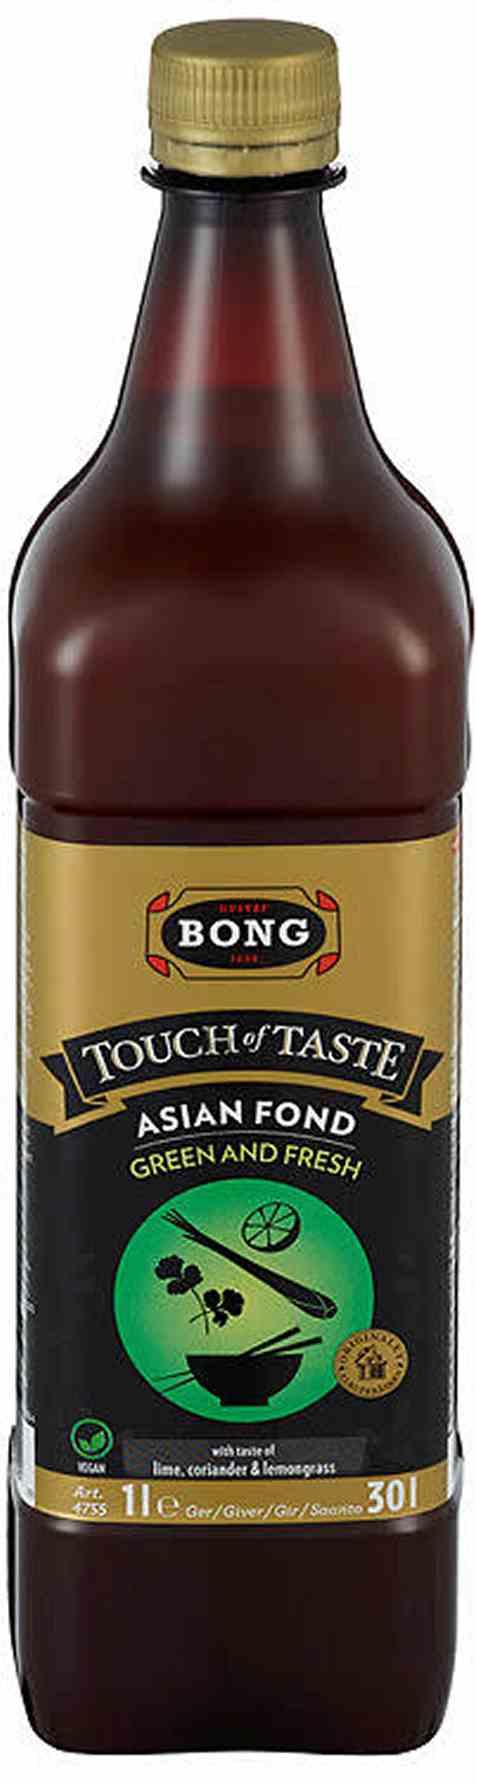 Bilde av Touch of Taste green and fresh fond 1 liter.